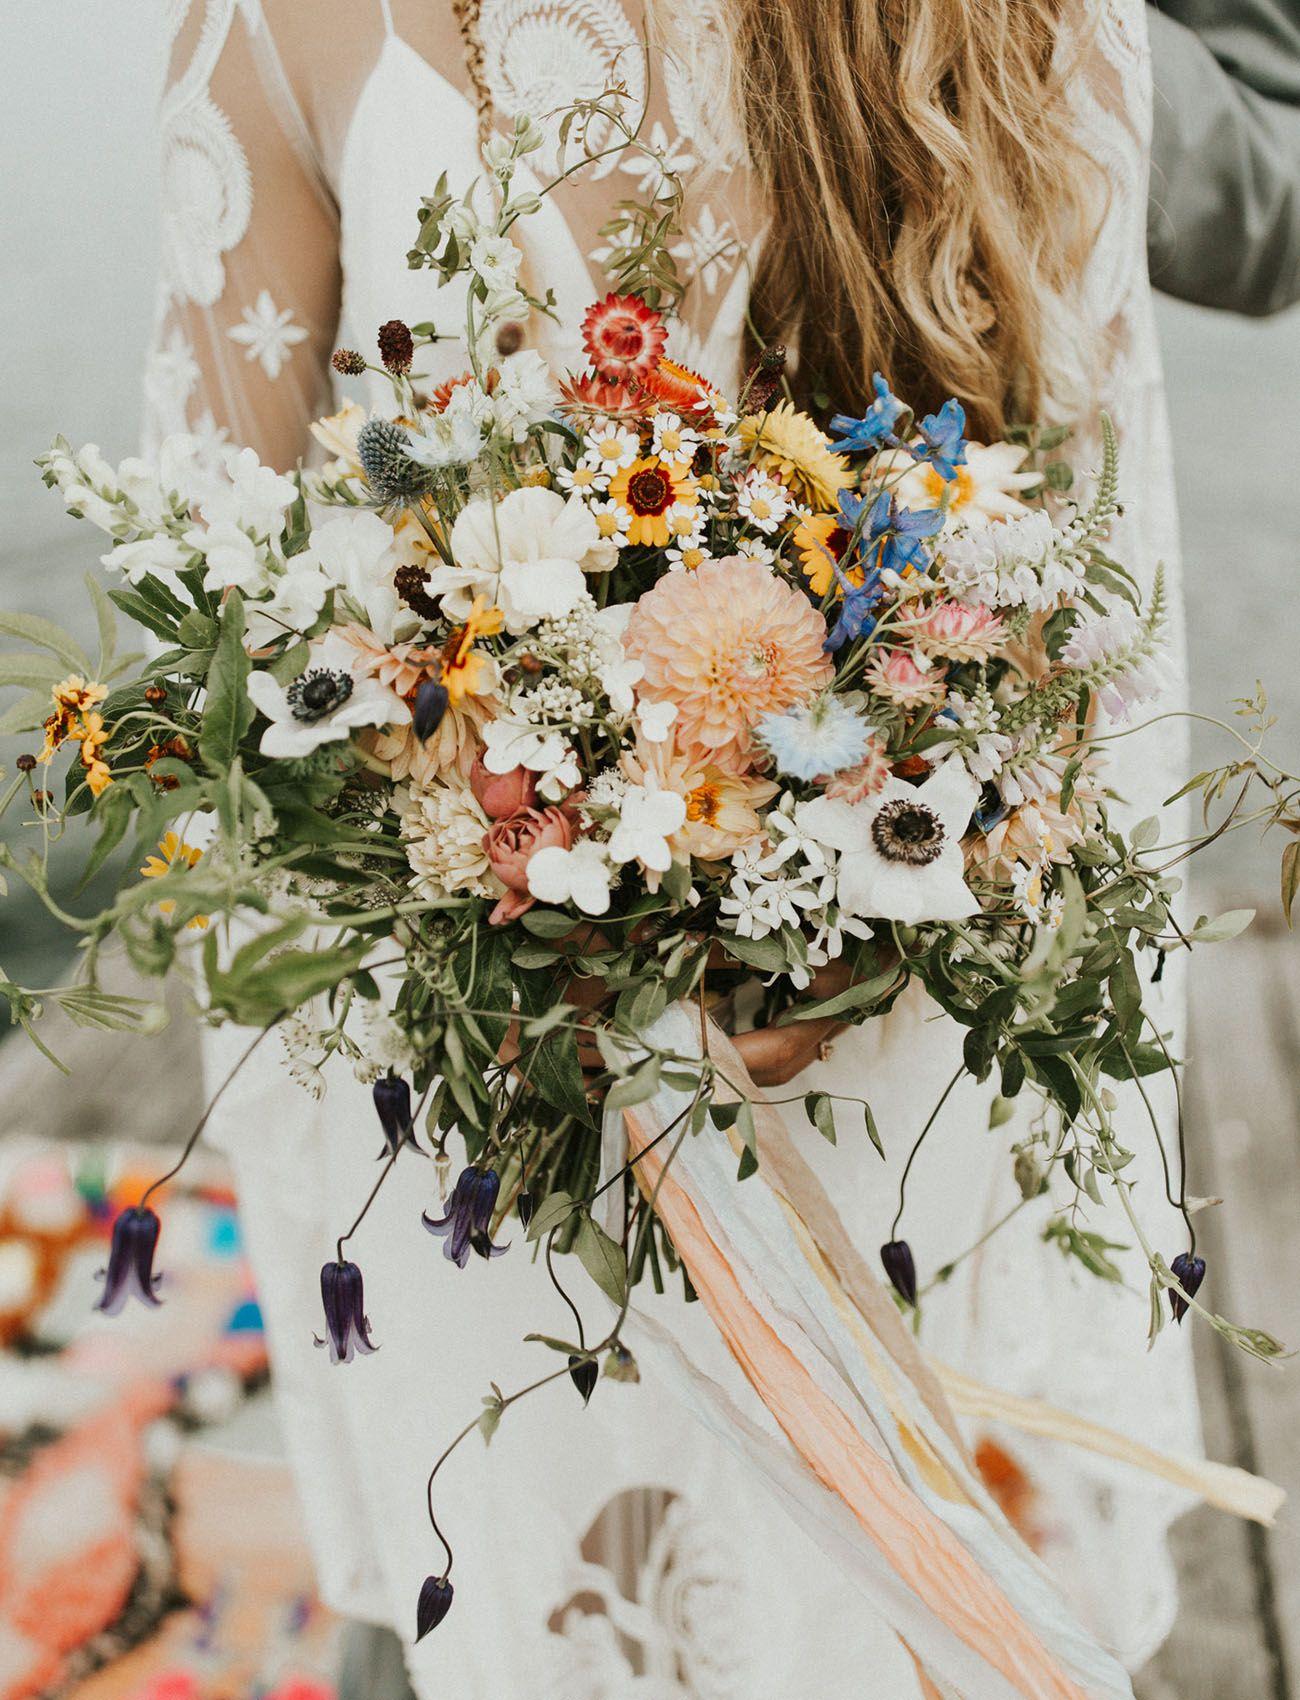 Boho Wildflower Vibes At This Lakeside Wedding In Washington In 2021 Boho Wedding Bouquet Boho Wedding Flowers Wildflower Wedding